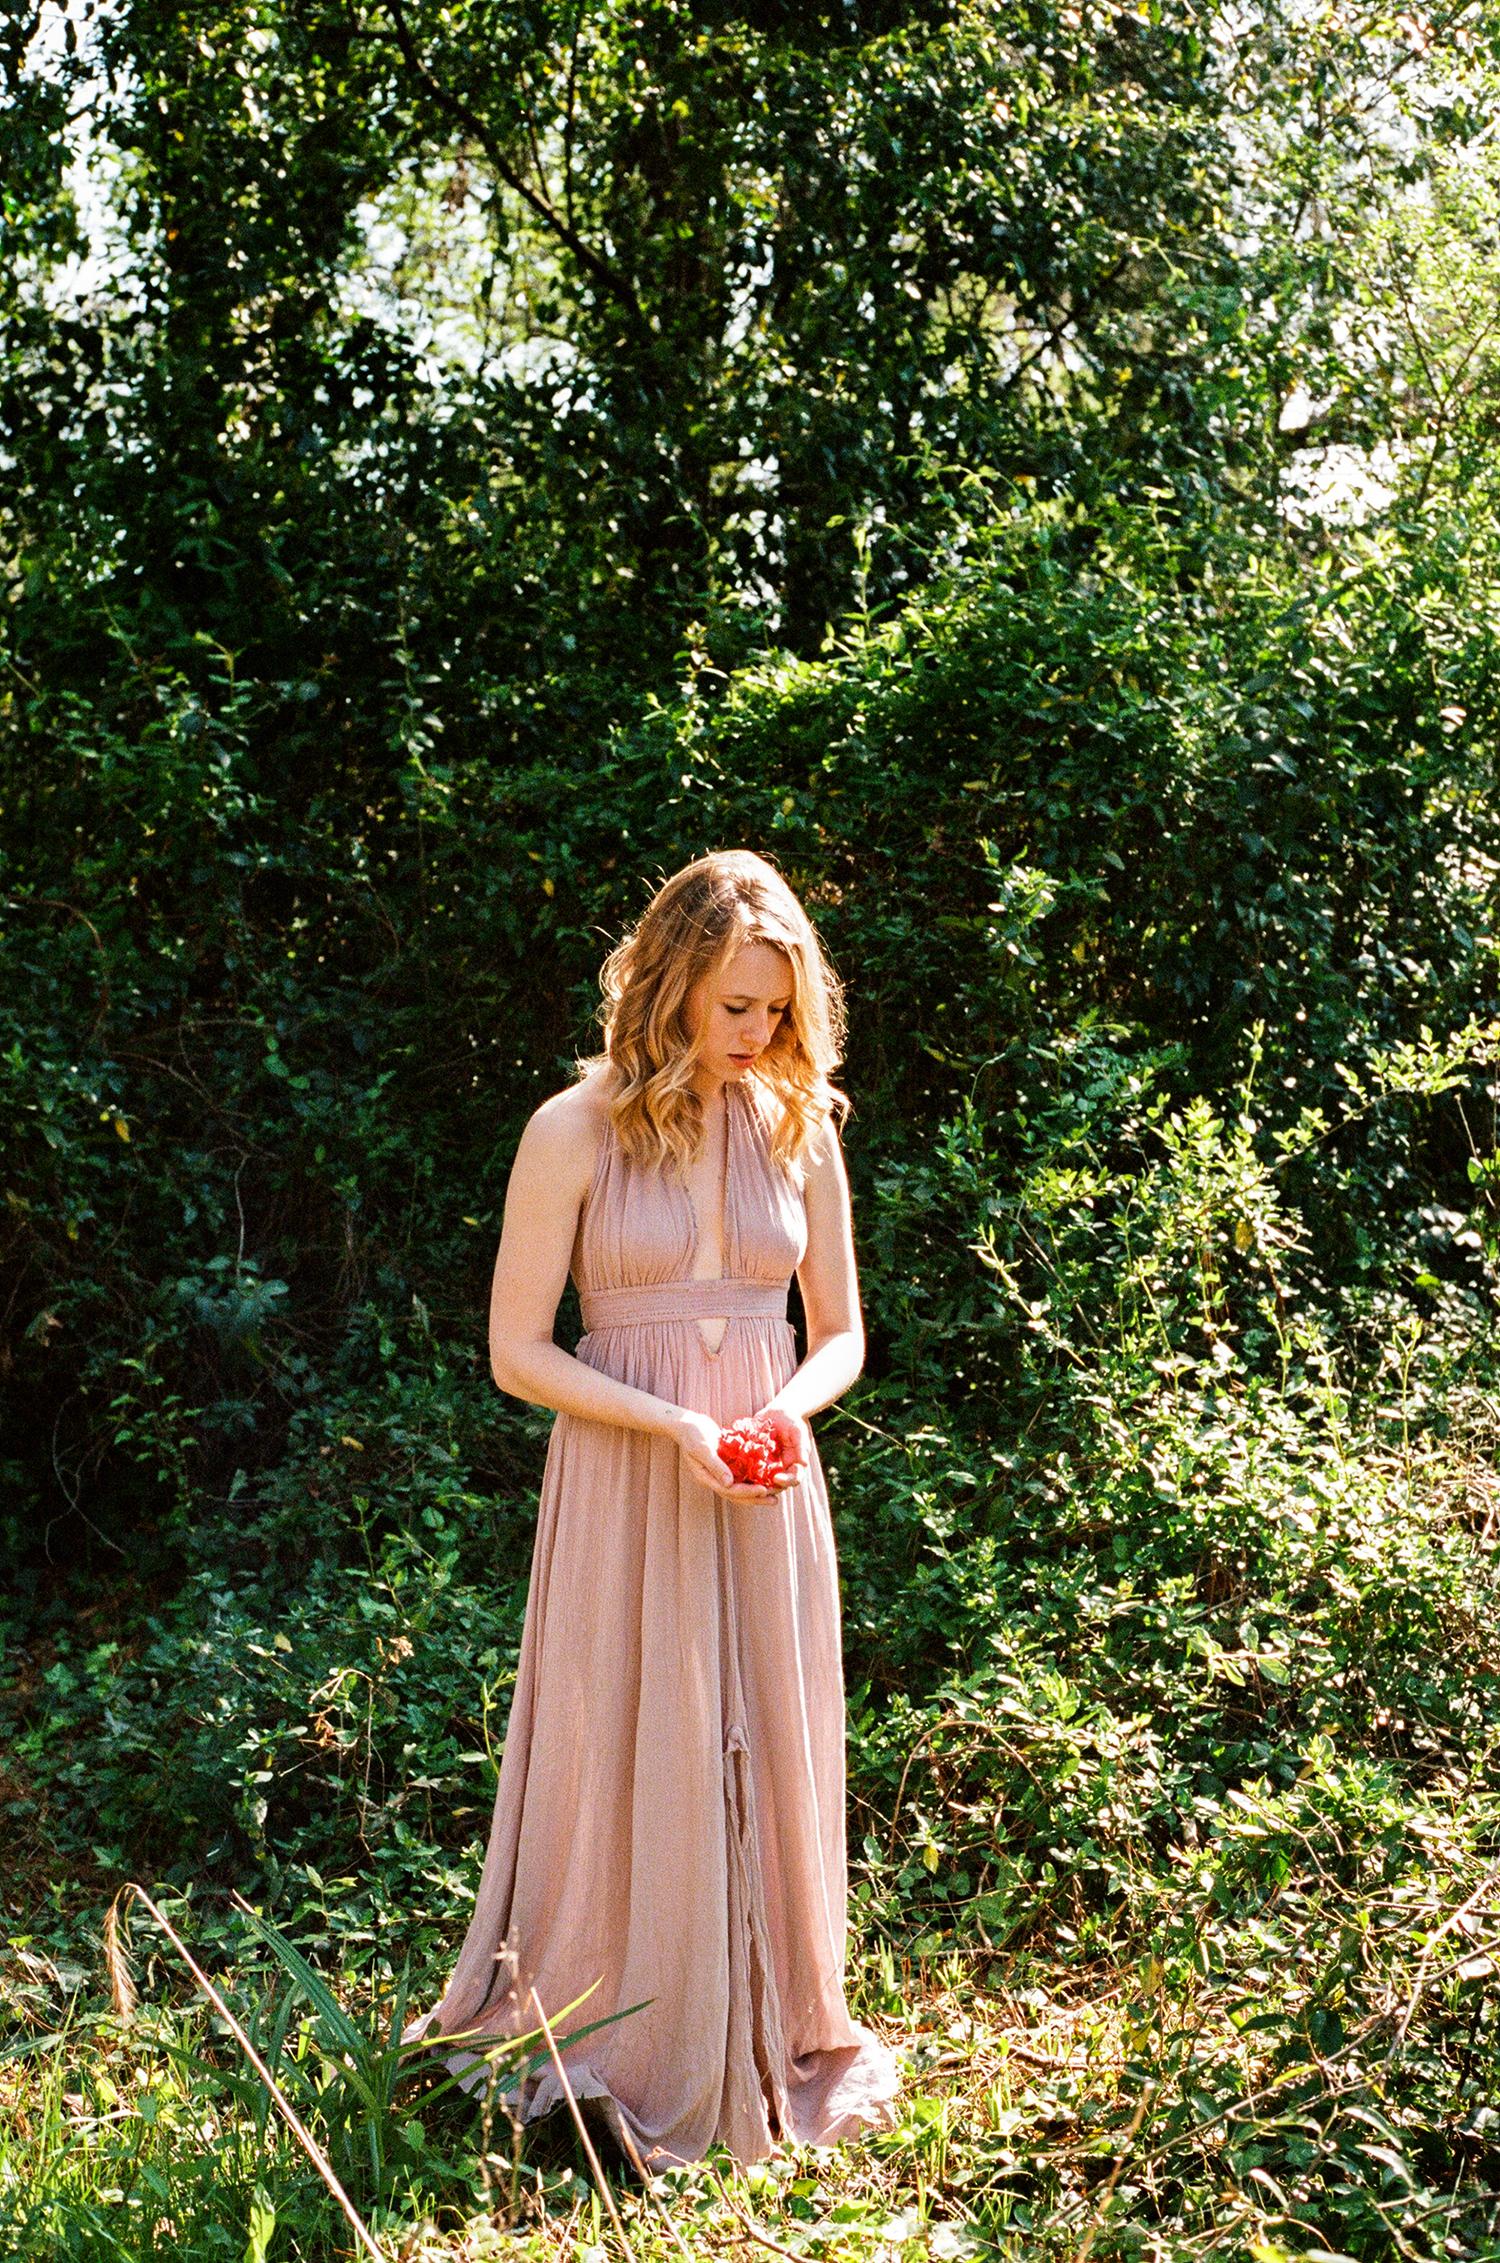 girl in long dress holding flowers